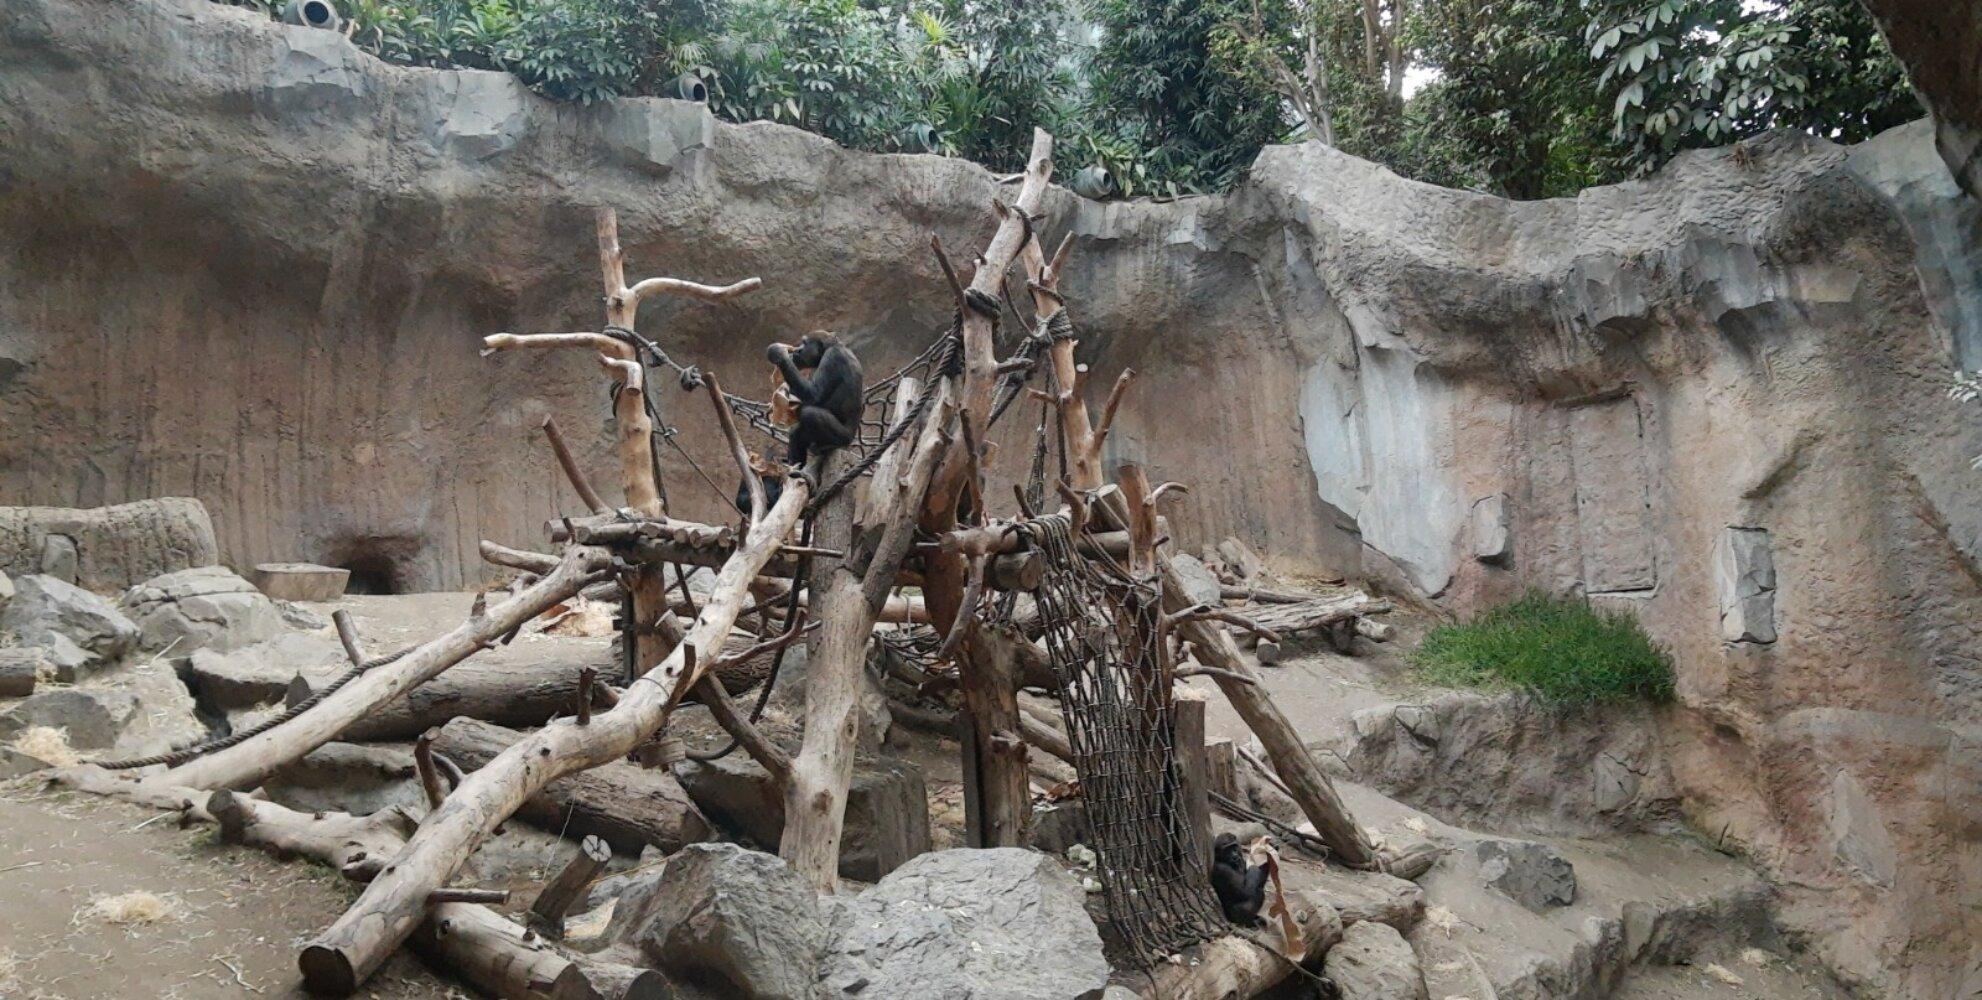 Menschenaffe| Schimpanse  im Gehege  des Leipziger Zoos|© SK